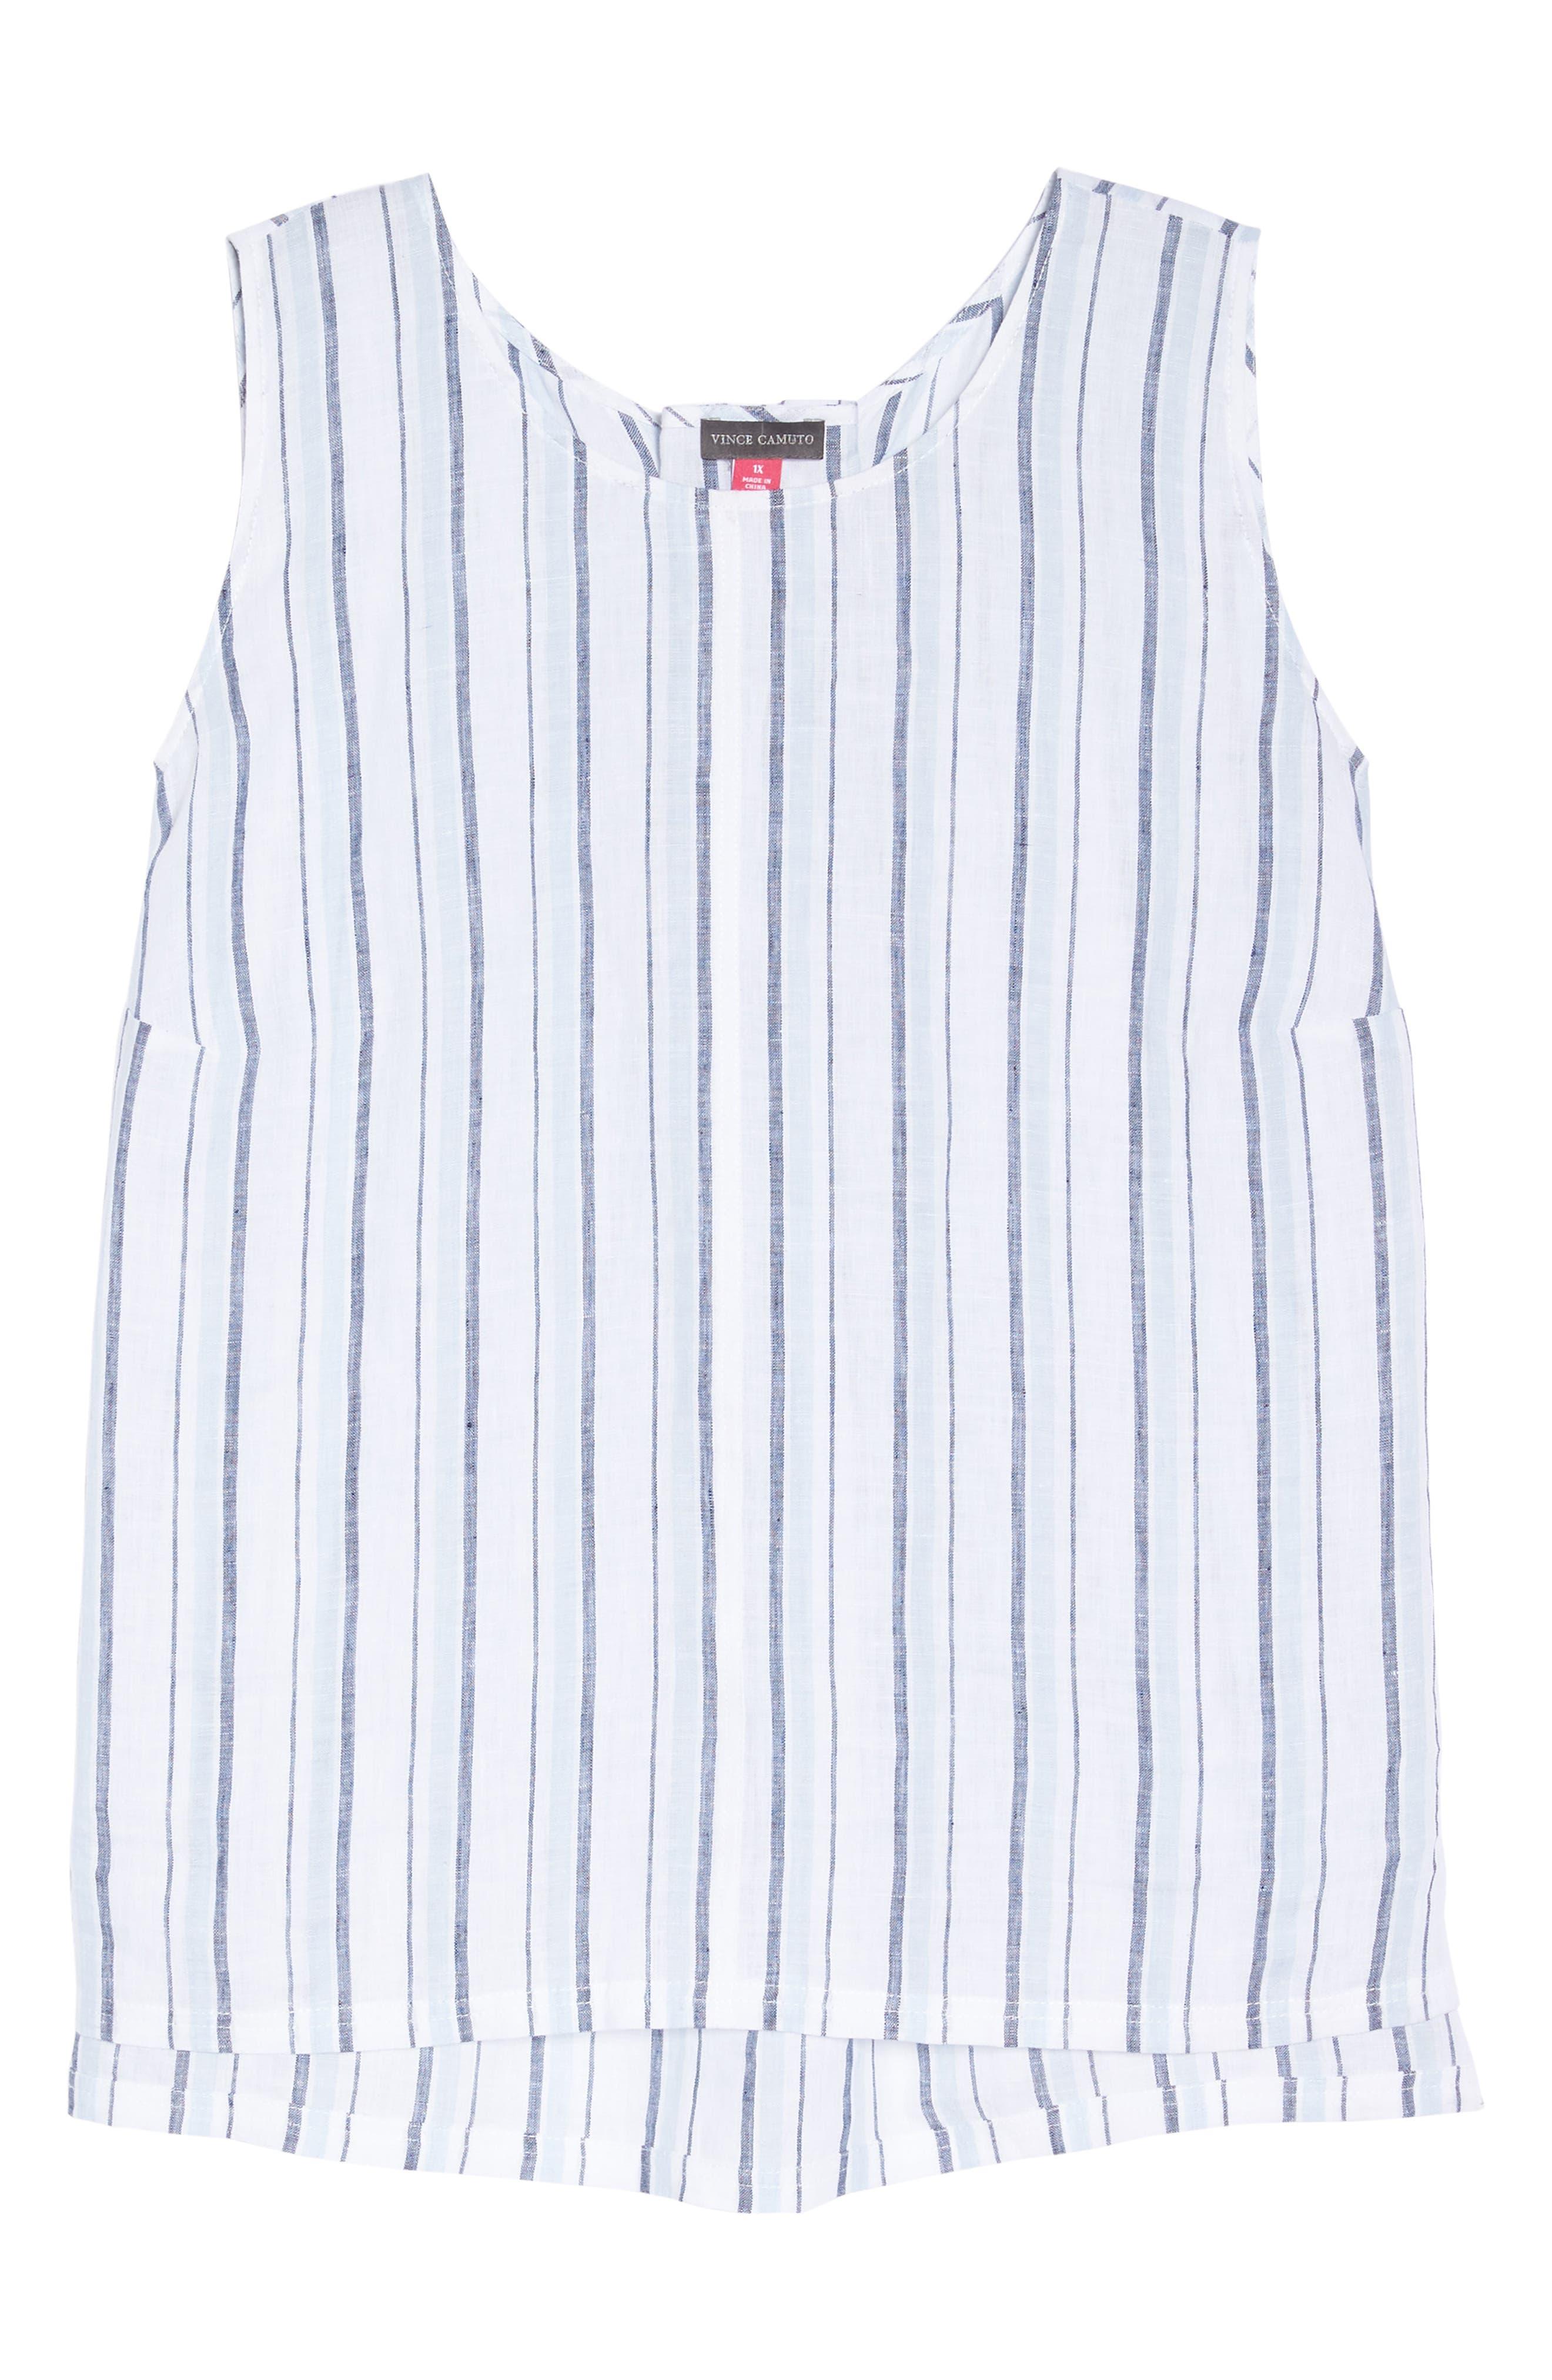 Stripe Lace-Up Back Linen Top,                             Alternate thumbnail 6, color,                             Dew Blue